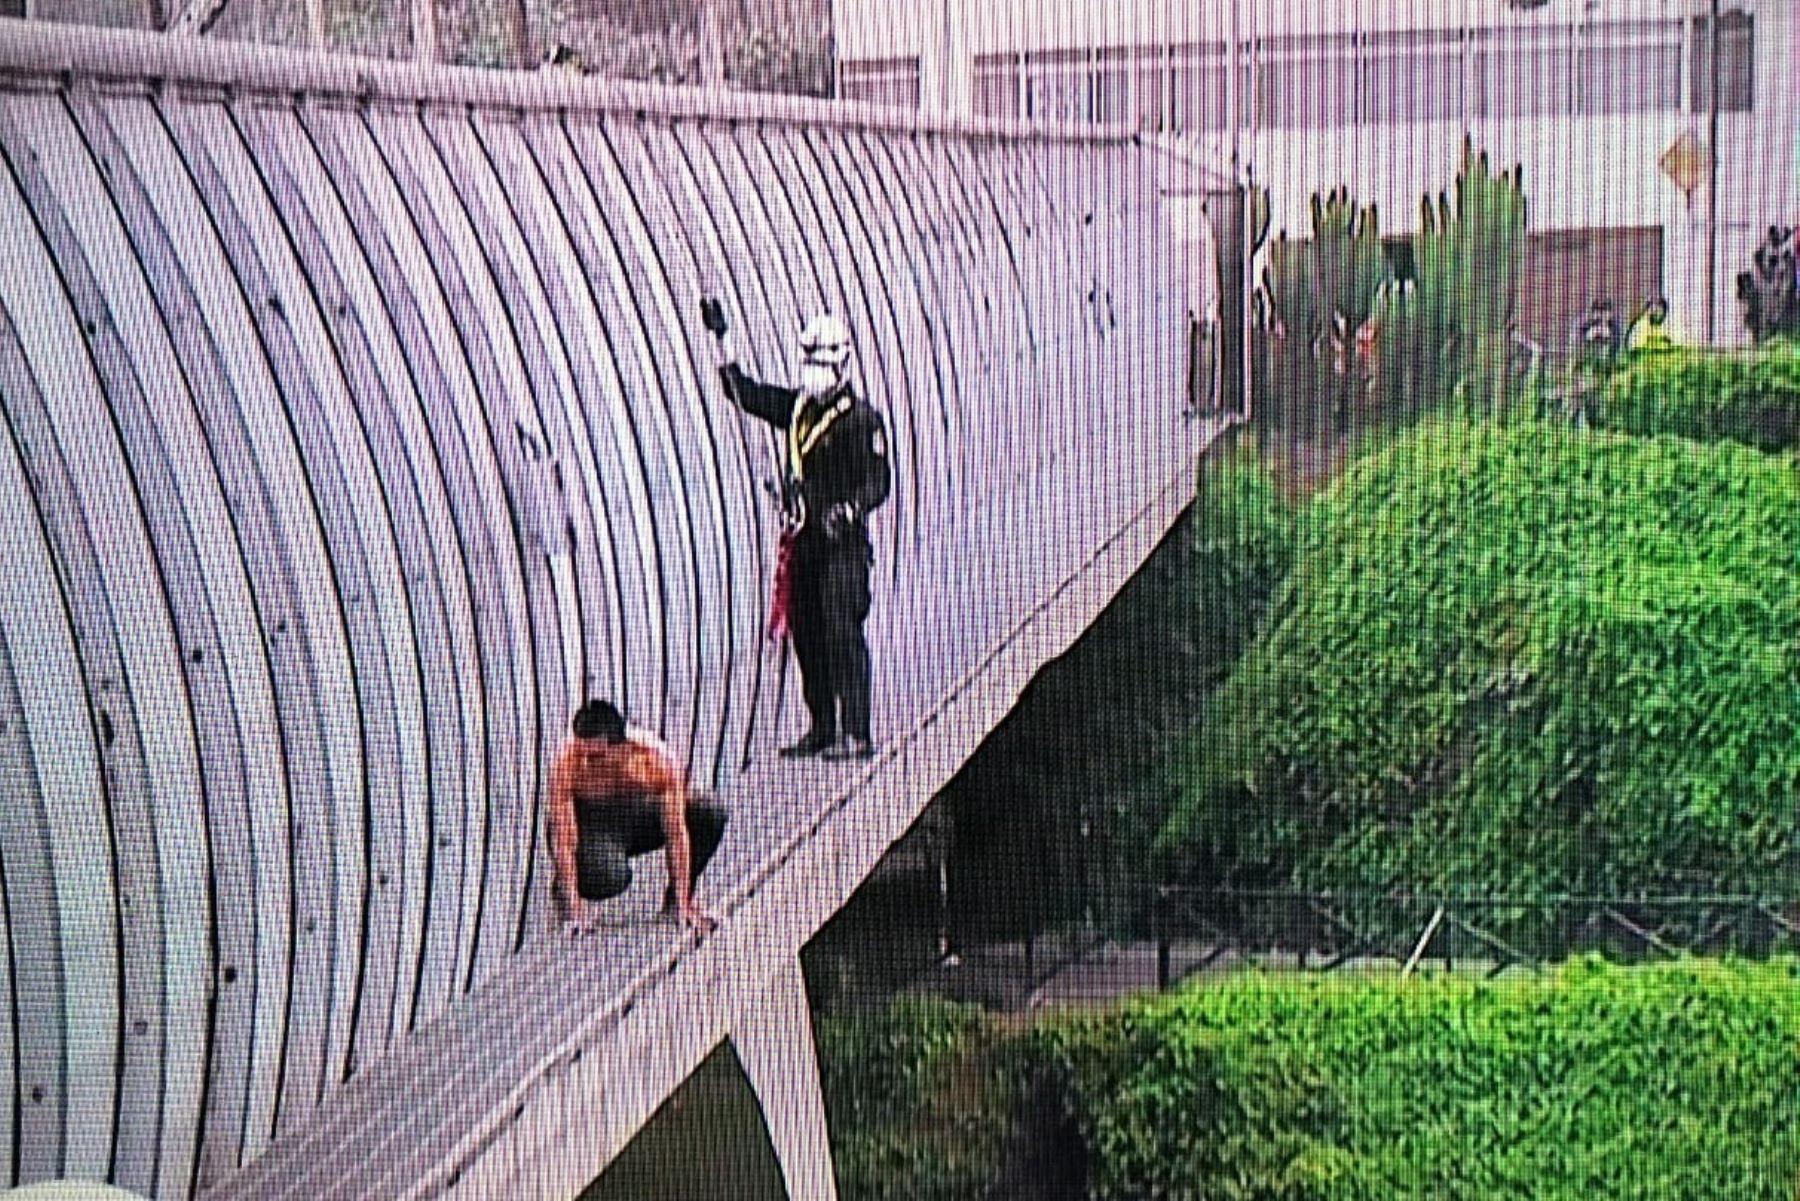 Miraflores: Policía rescató a hombre que intentó saltar desde el puente Villena. Foto: ANDINA/Difusión.